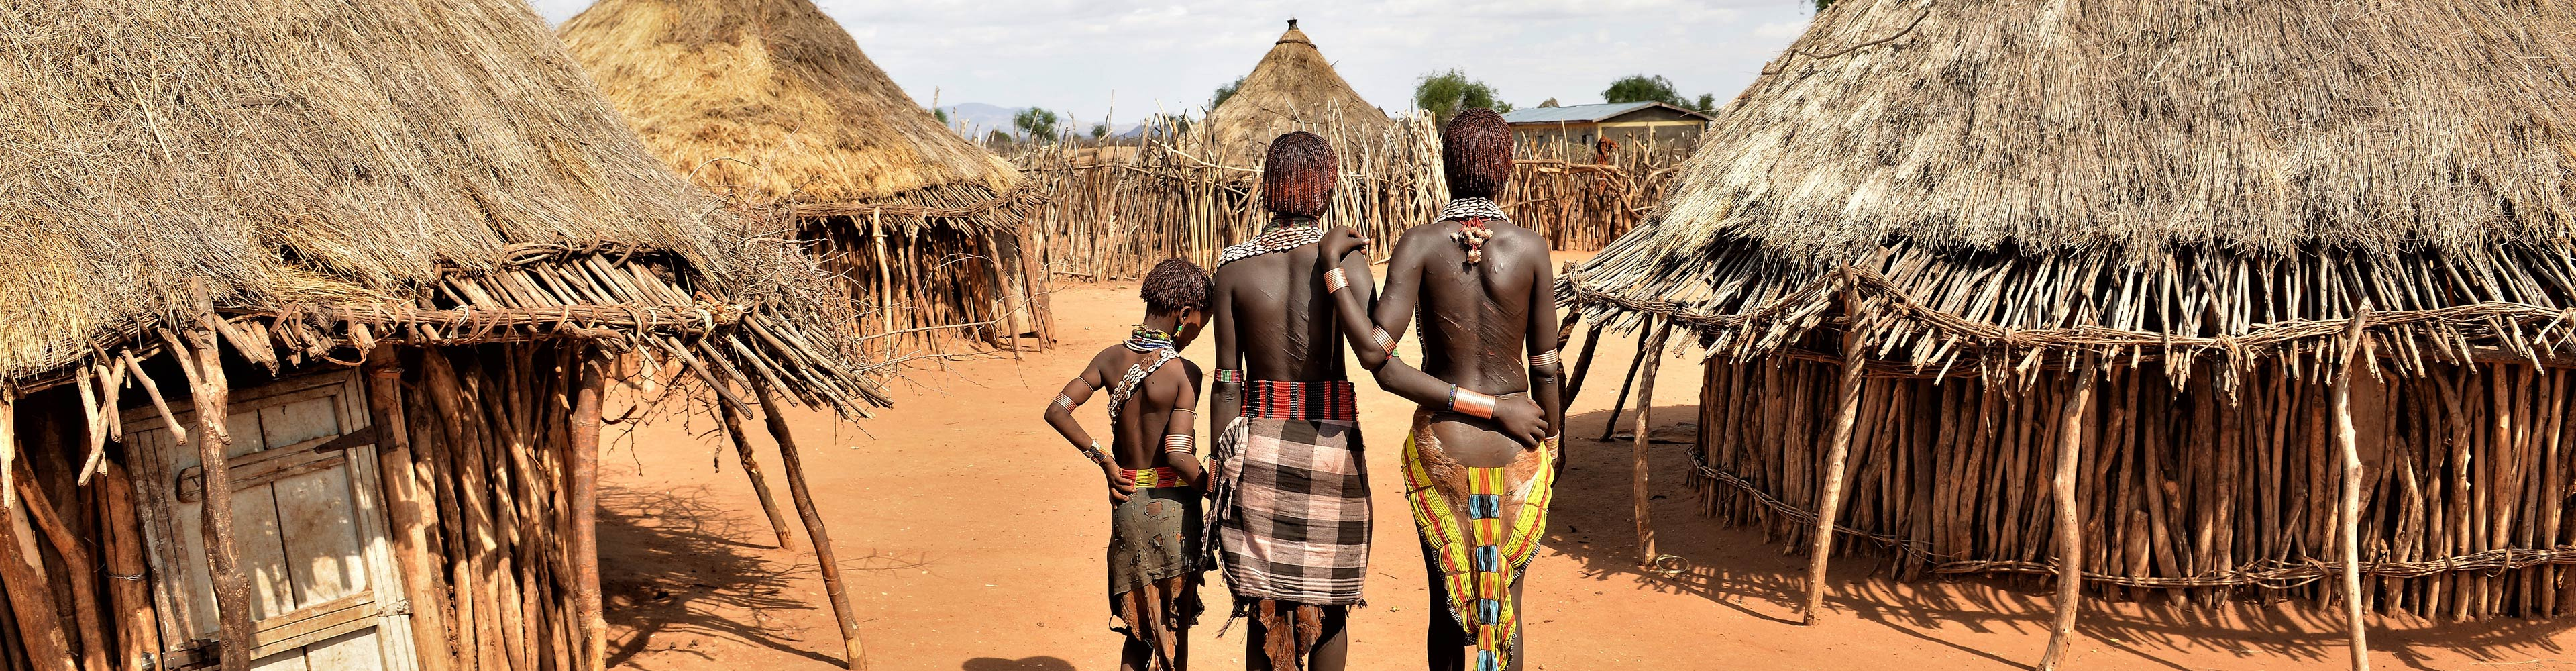 Ethiopia Untouched